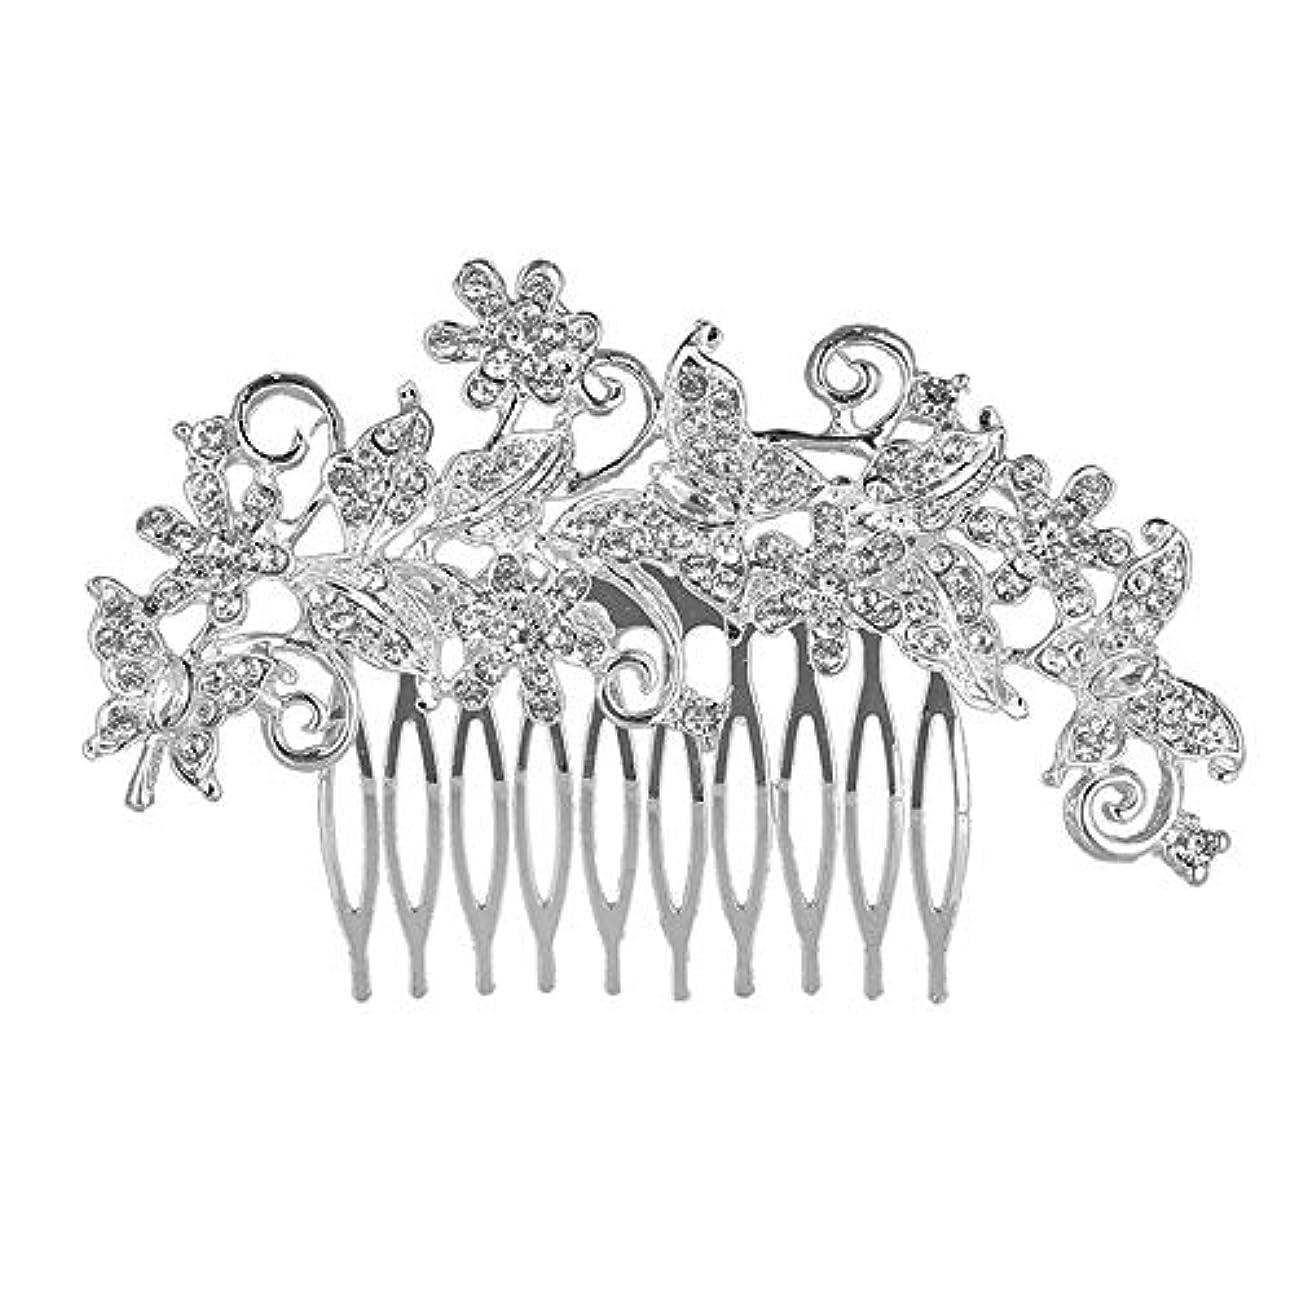 生まれ栄養タブレット韓国のヘアアクセサリー_韓国の花嫁のヘアアクセサリー日の花のヘッドドレスファッションヘアコーム花嫁合金結婚式結婚式卸売